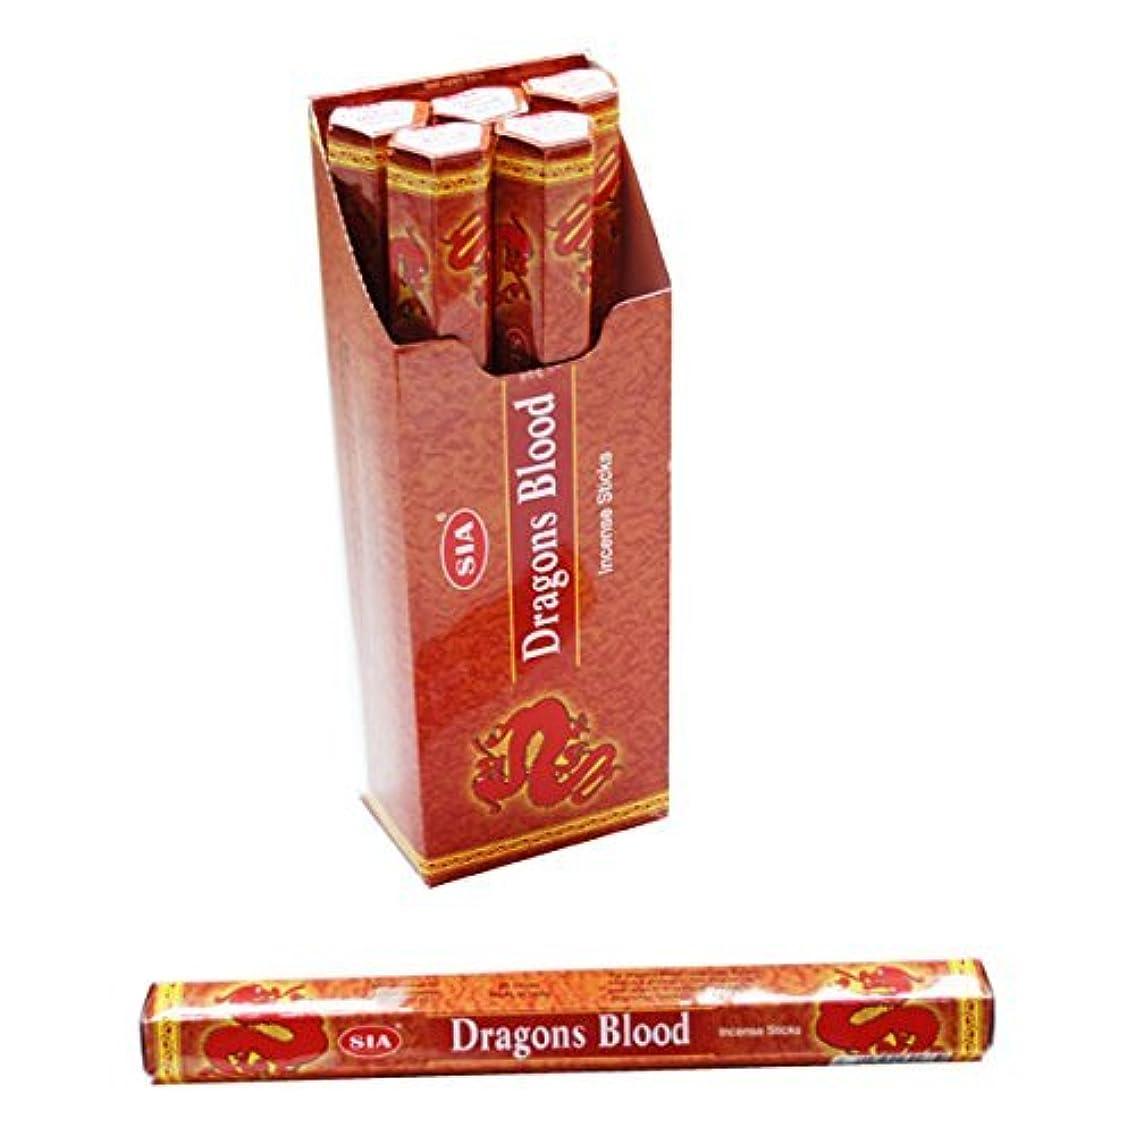 サワー角度半円NEW ELEMENTS MYSTICAL RANGE DRAGONS BLOOD INCENSE STICKS - 120 STICKS IS85022